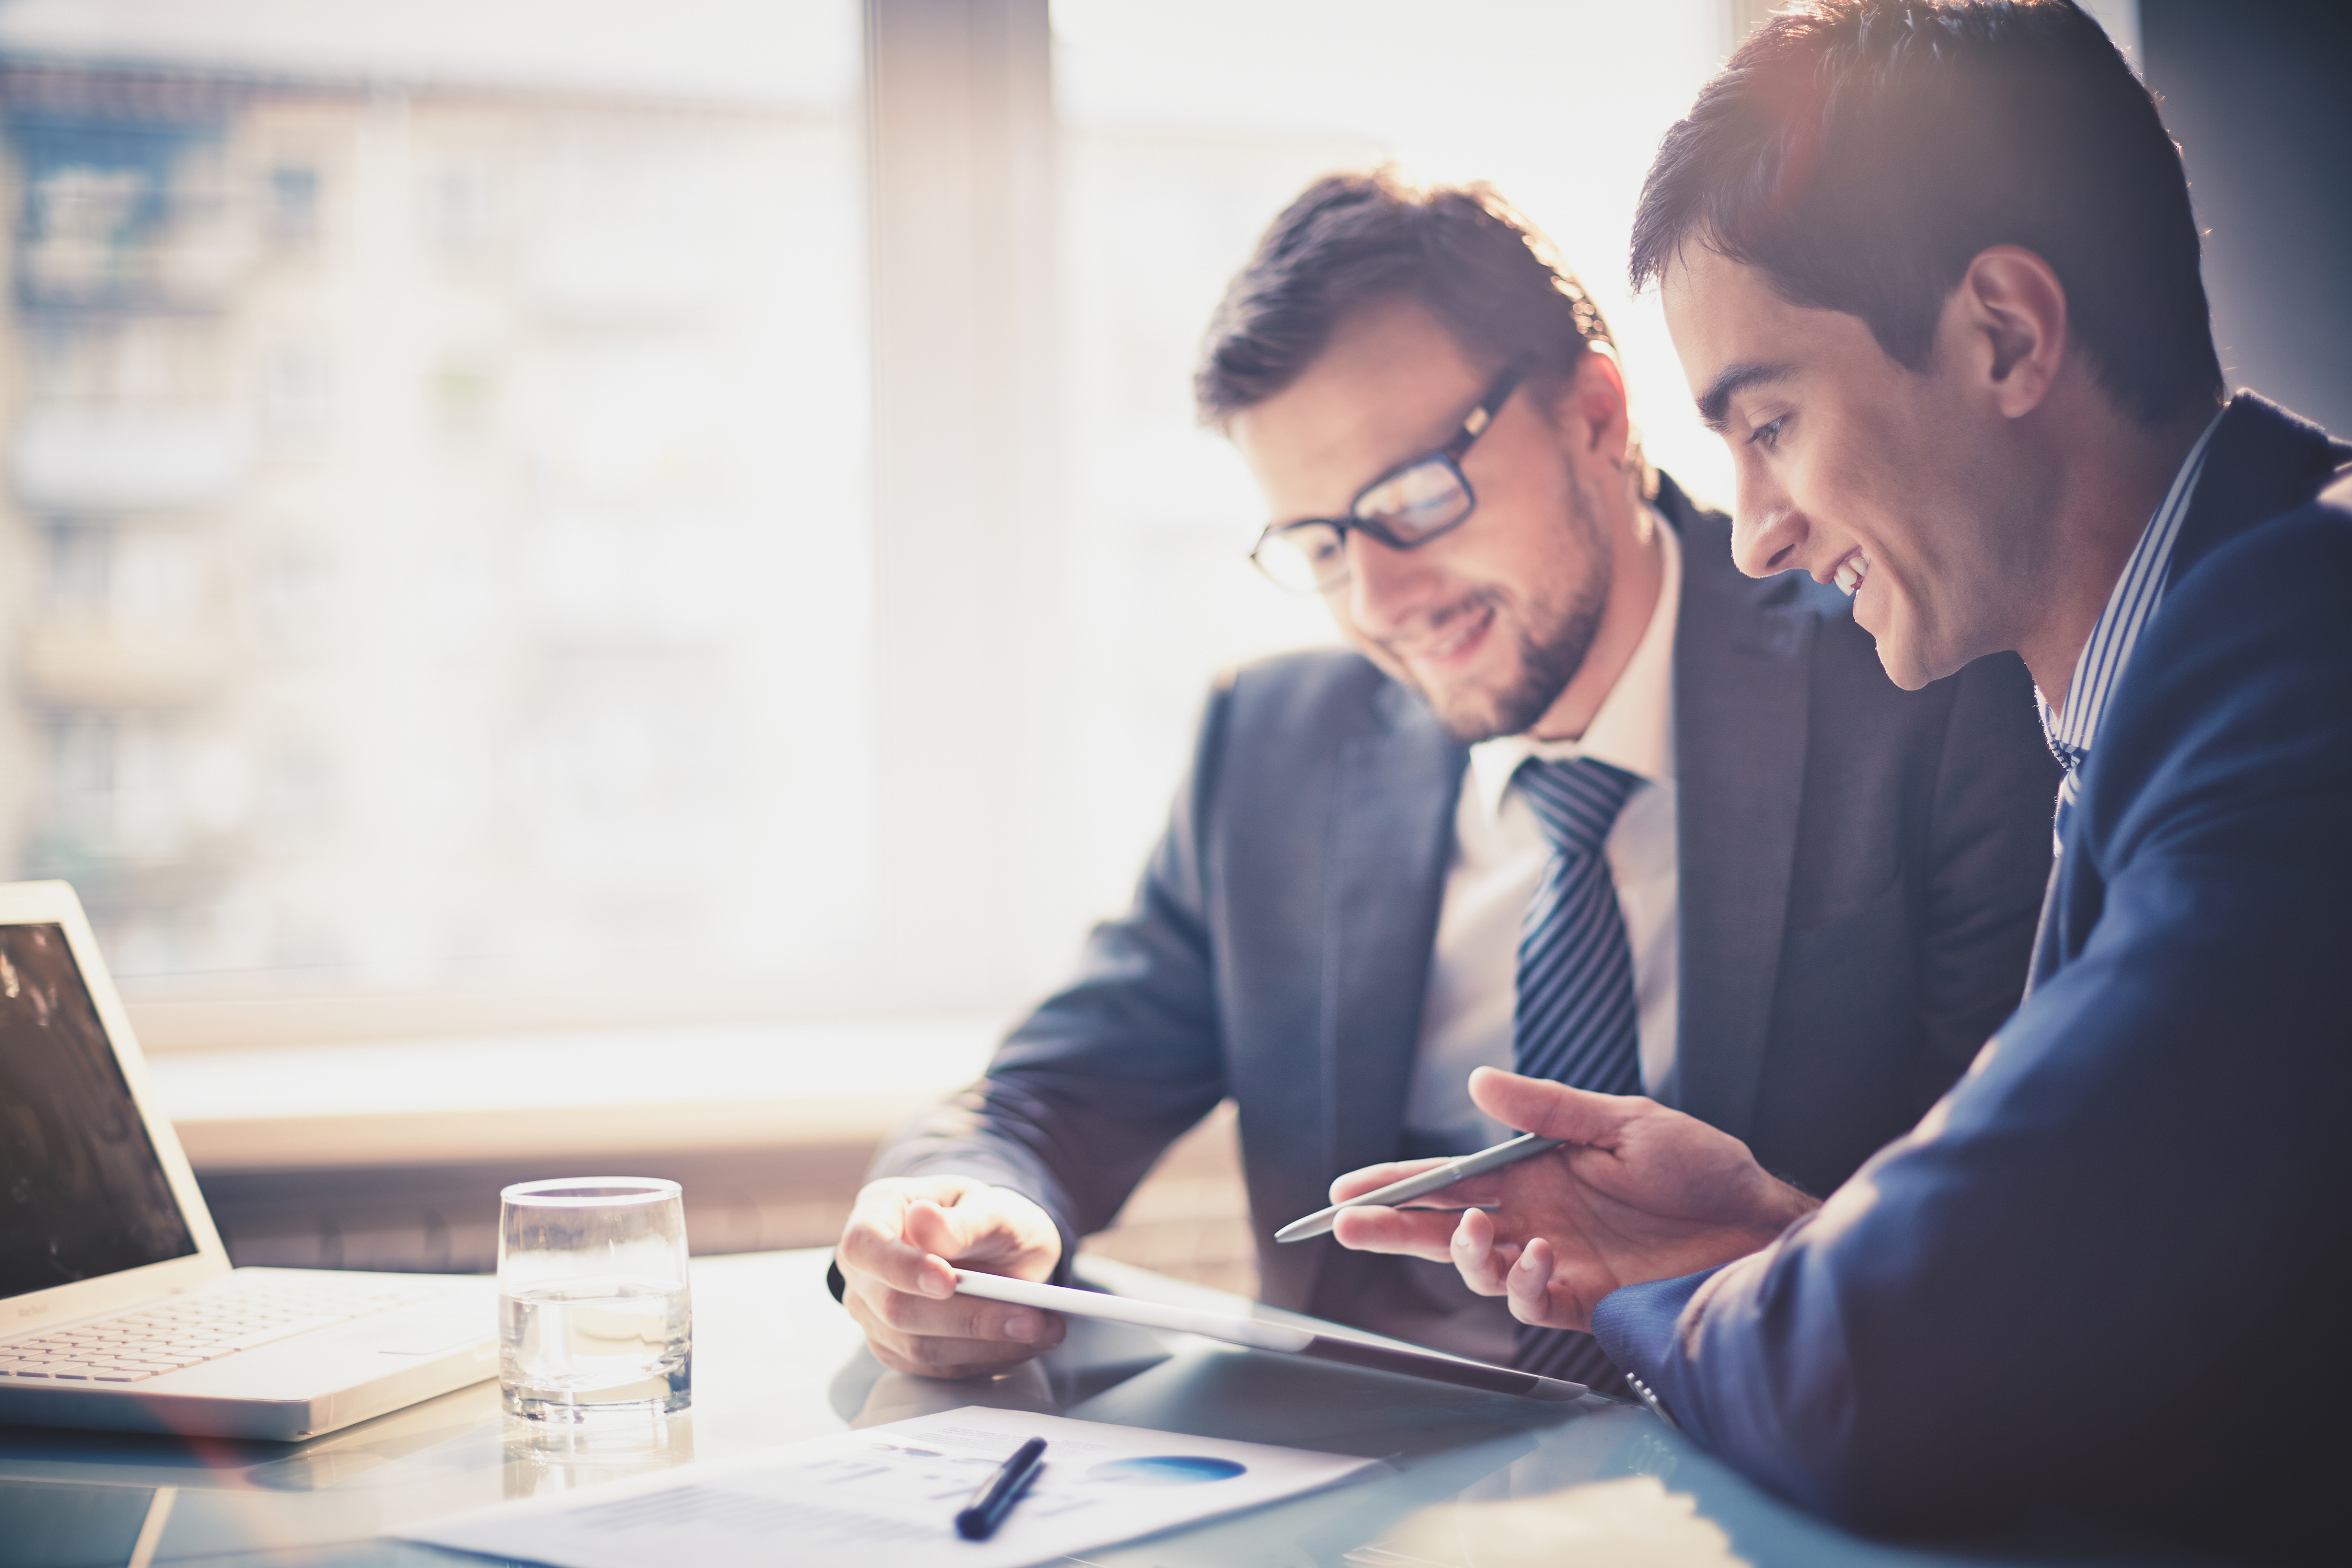 Zwei freundlich lächelnde Männer in dunklen Businessanzügen sitzen vor einer hellen Fensterfront an einem Tisch, auf dem Unterlagen liegen und ein Laptop sowie ein Glas Wasser steht. Einer der beiden Männer hält ein Tablet in seiner Hand, während der andere erklärend mit einem Kugelschreiber auf das Display deutet.